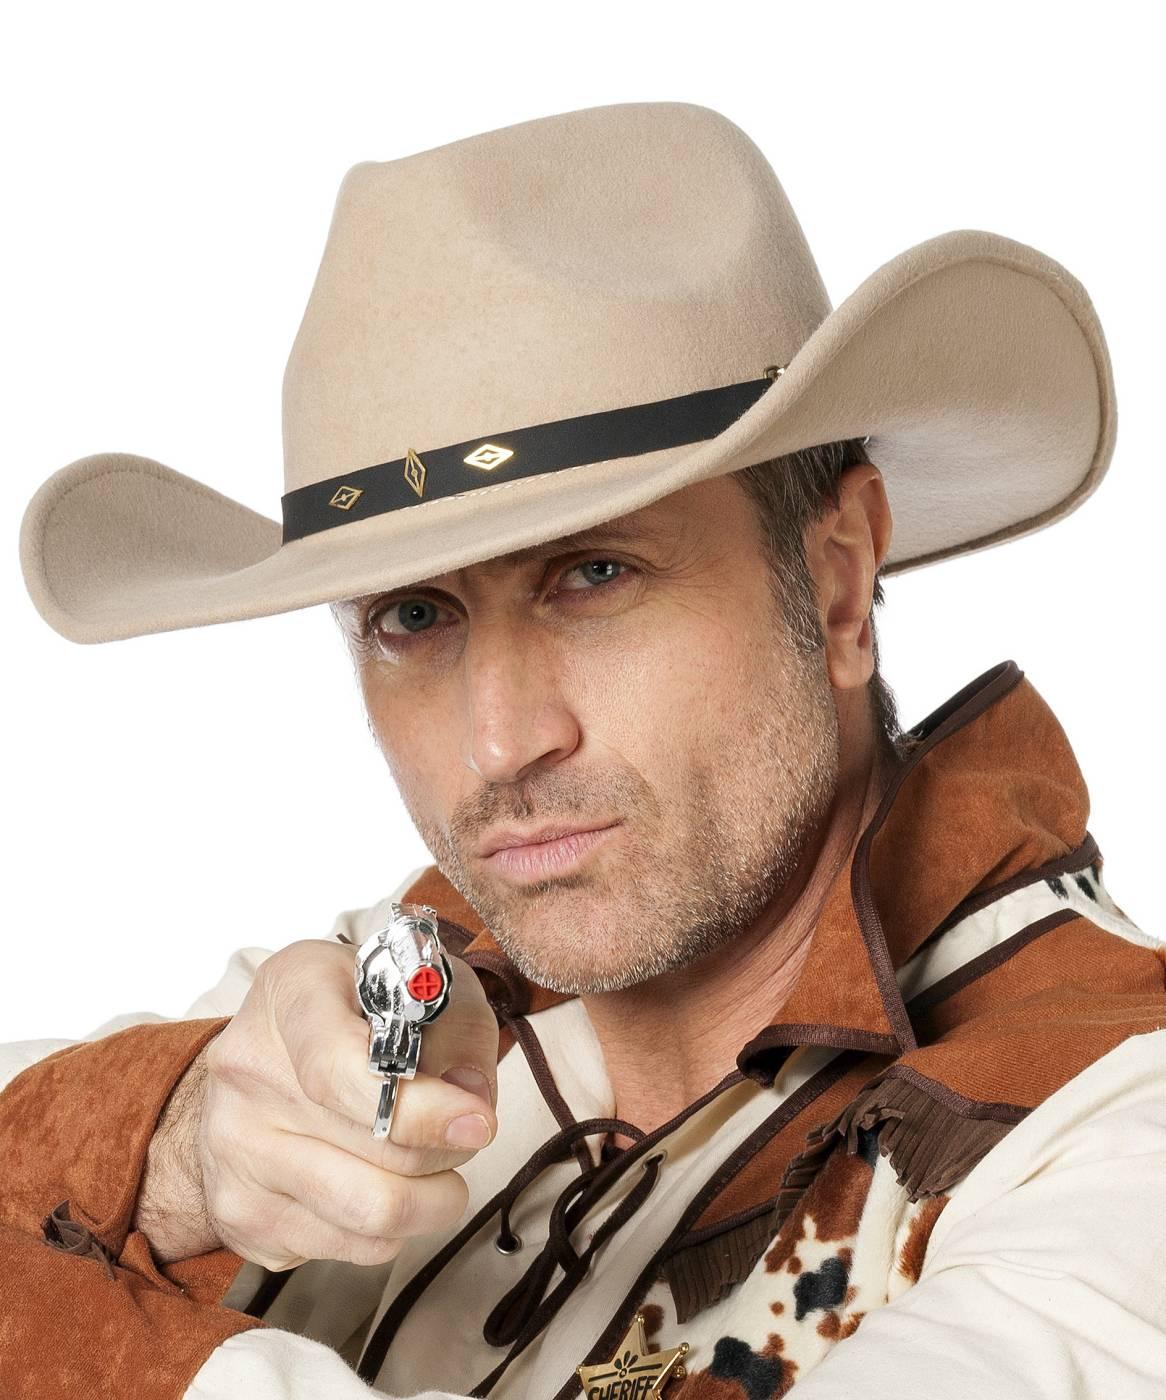 Chapeau-de-cowboy-réaliste